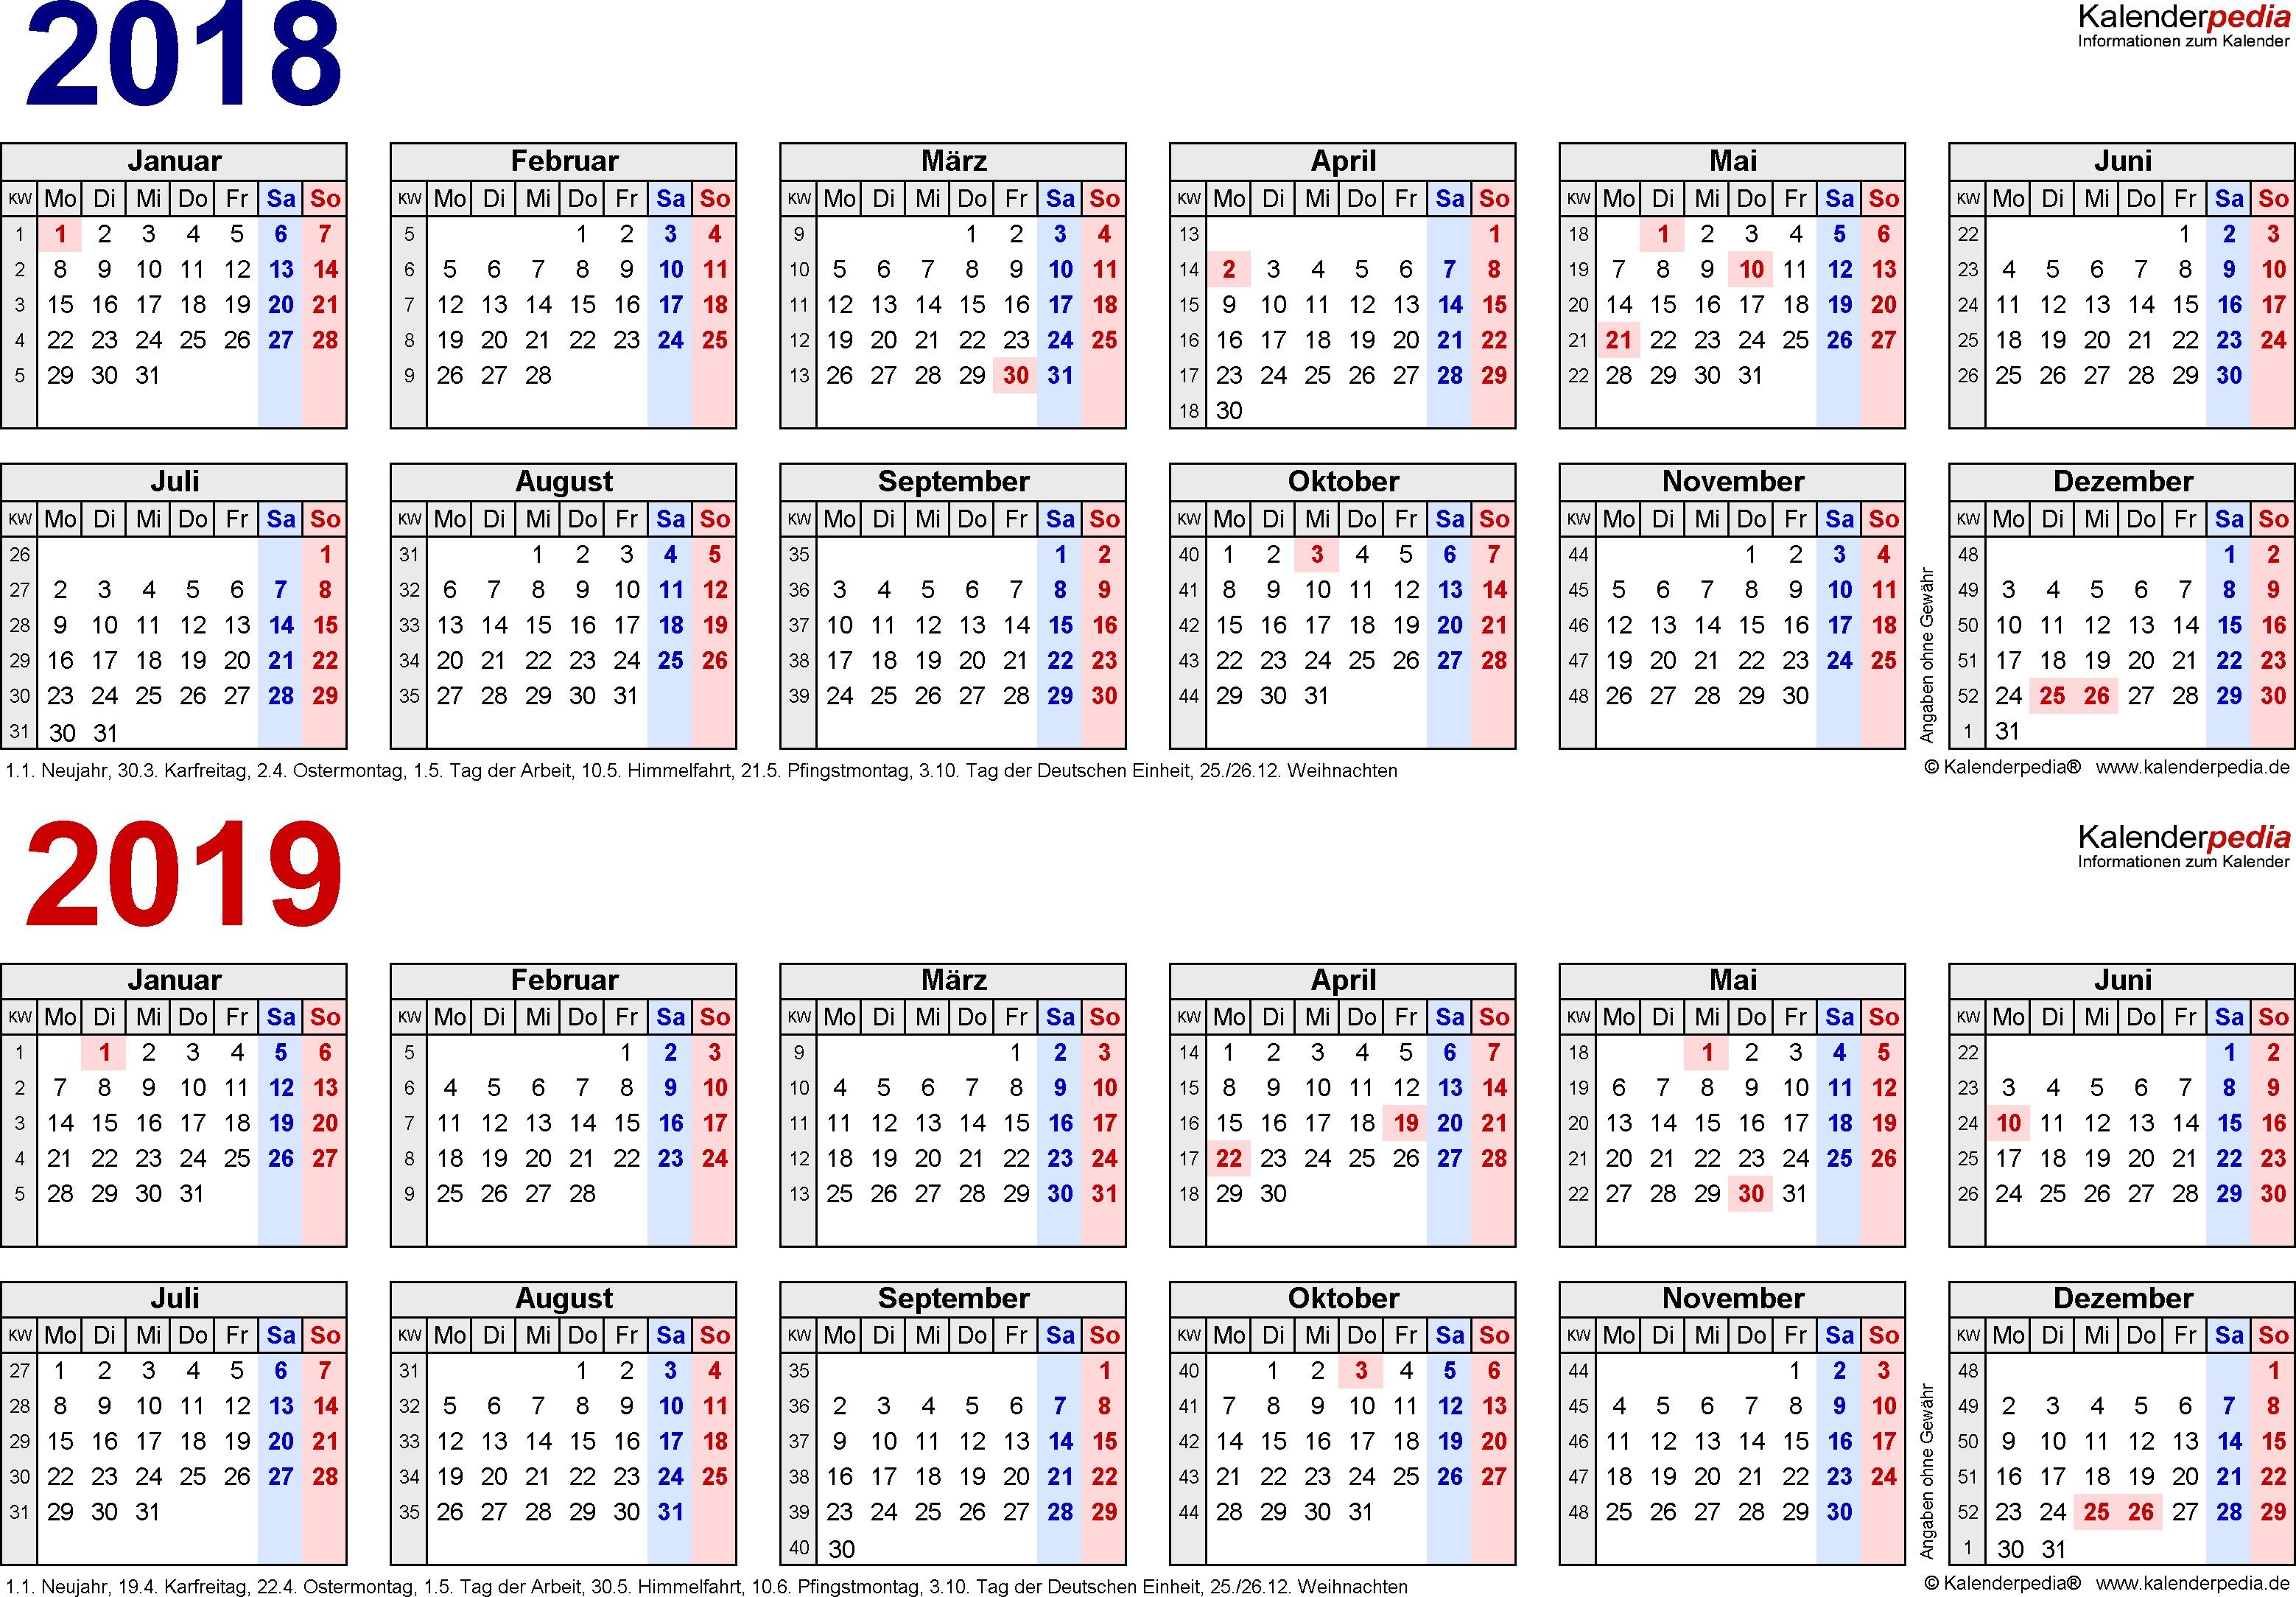 Zweijahreskalender 2018 2019 Als Pdf Vorlagen Zum Ausdrucken